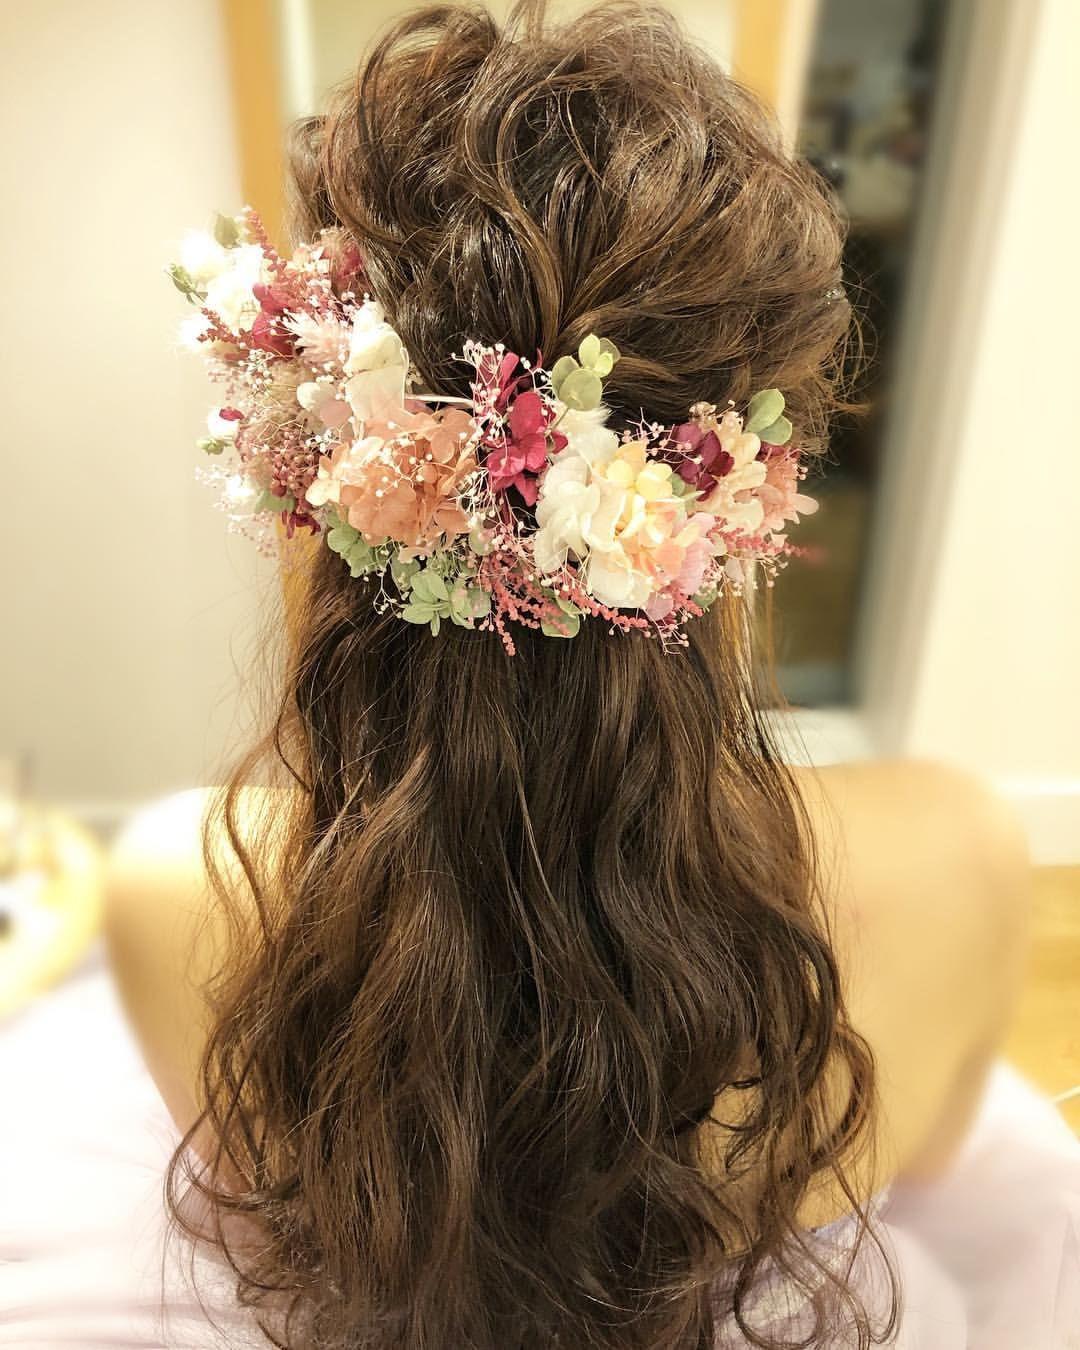 Wedding お色直しは ハーフアップ お花もたくさんで とっても